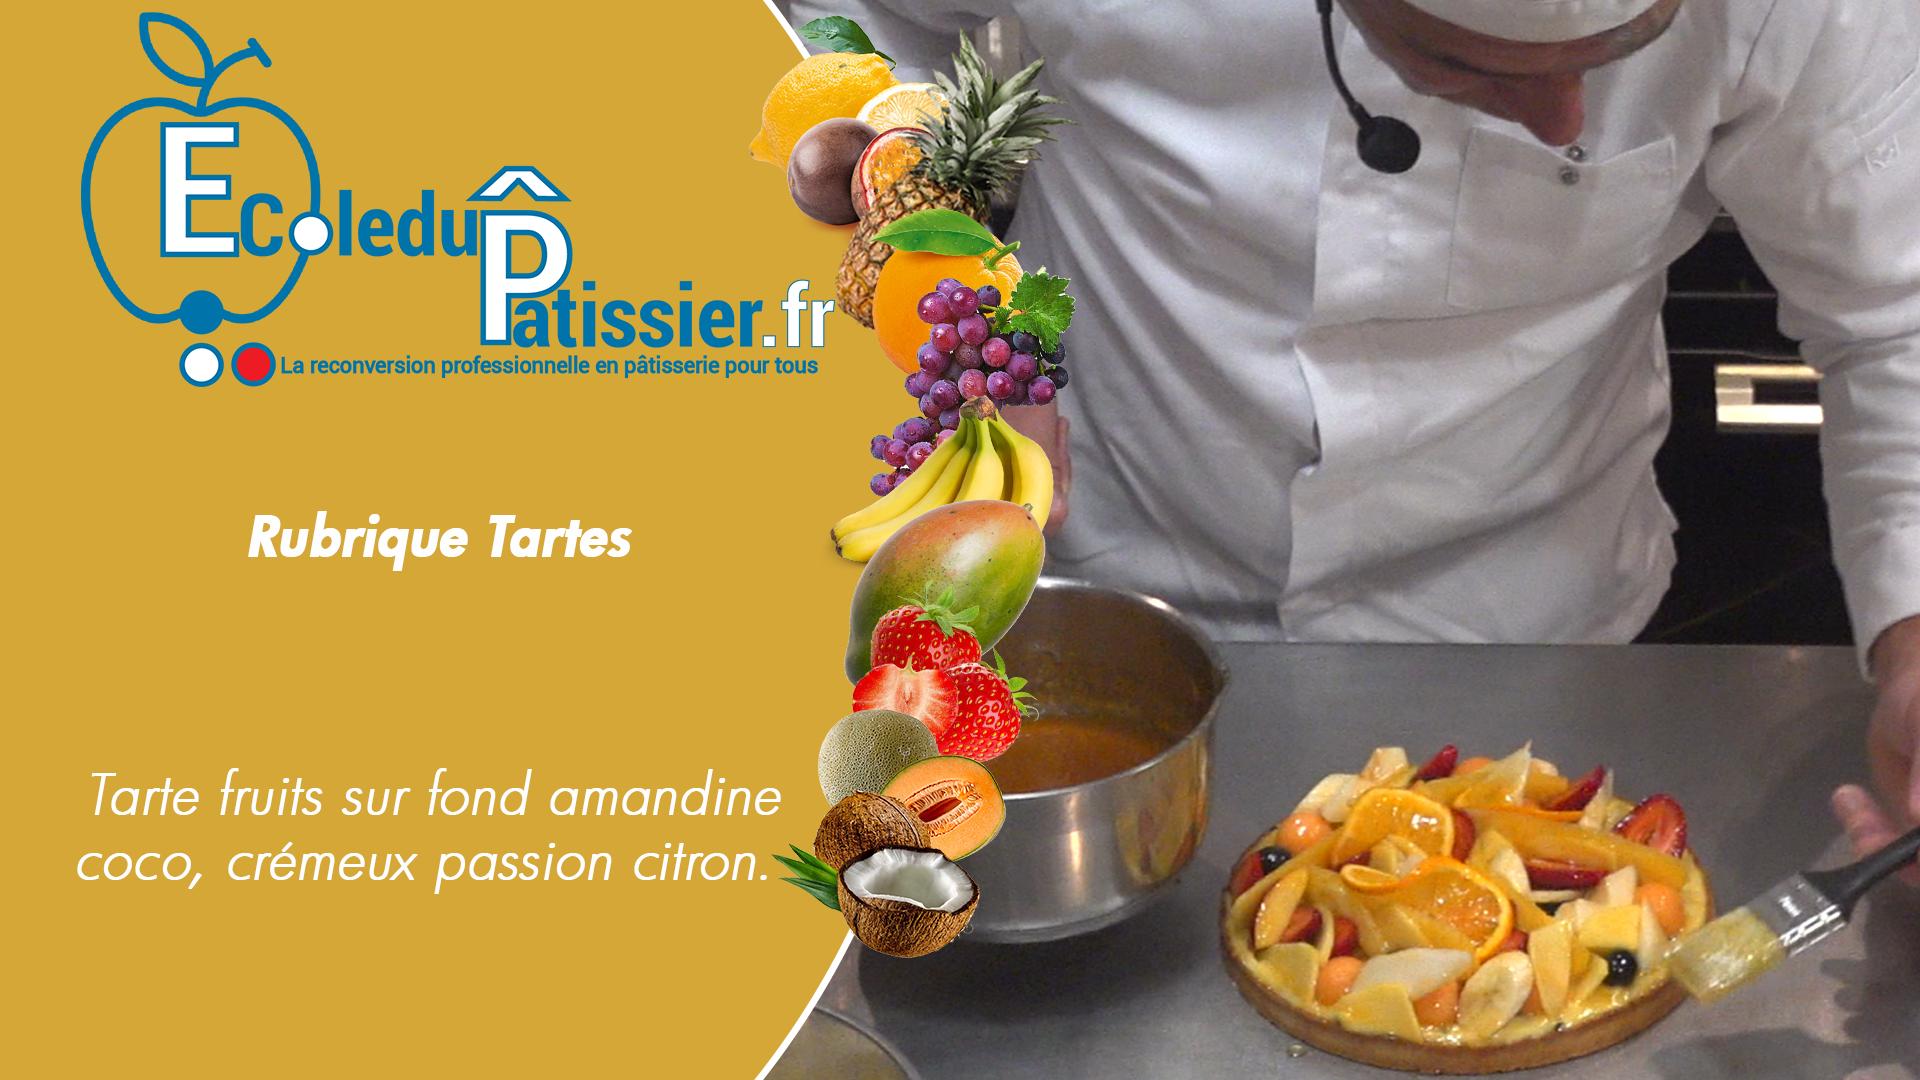 Tarte fruits passion citron